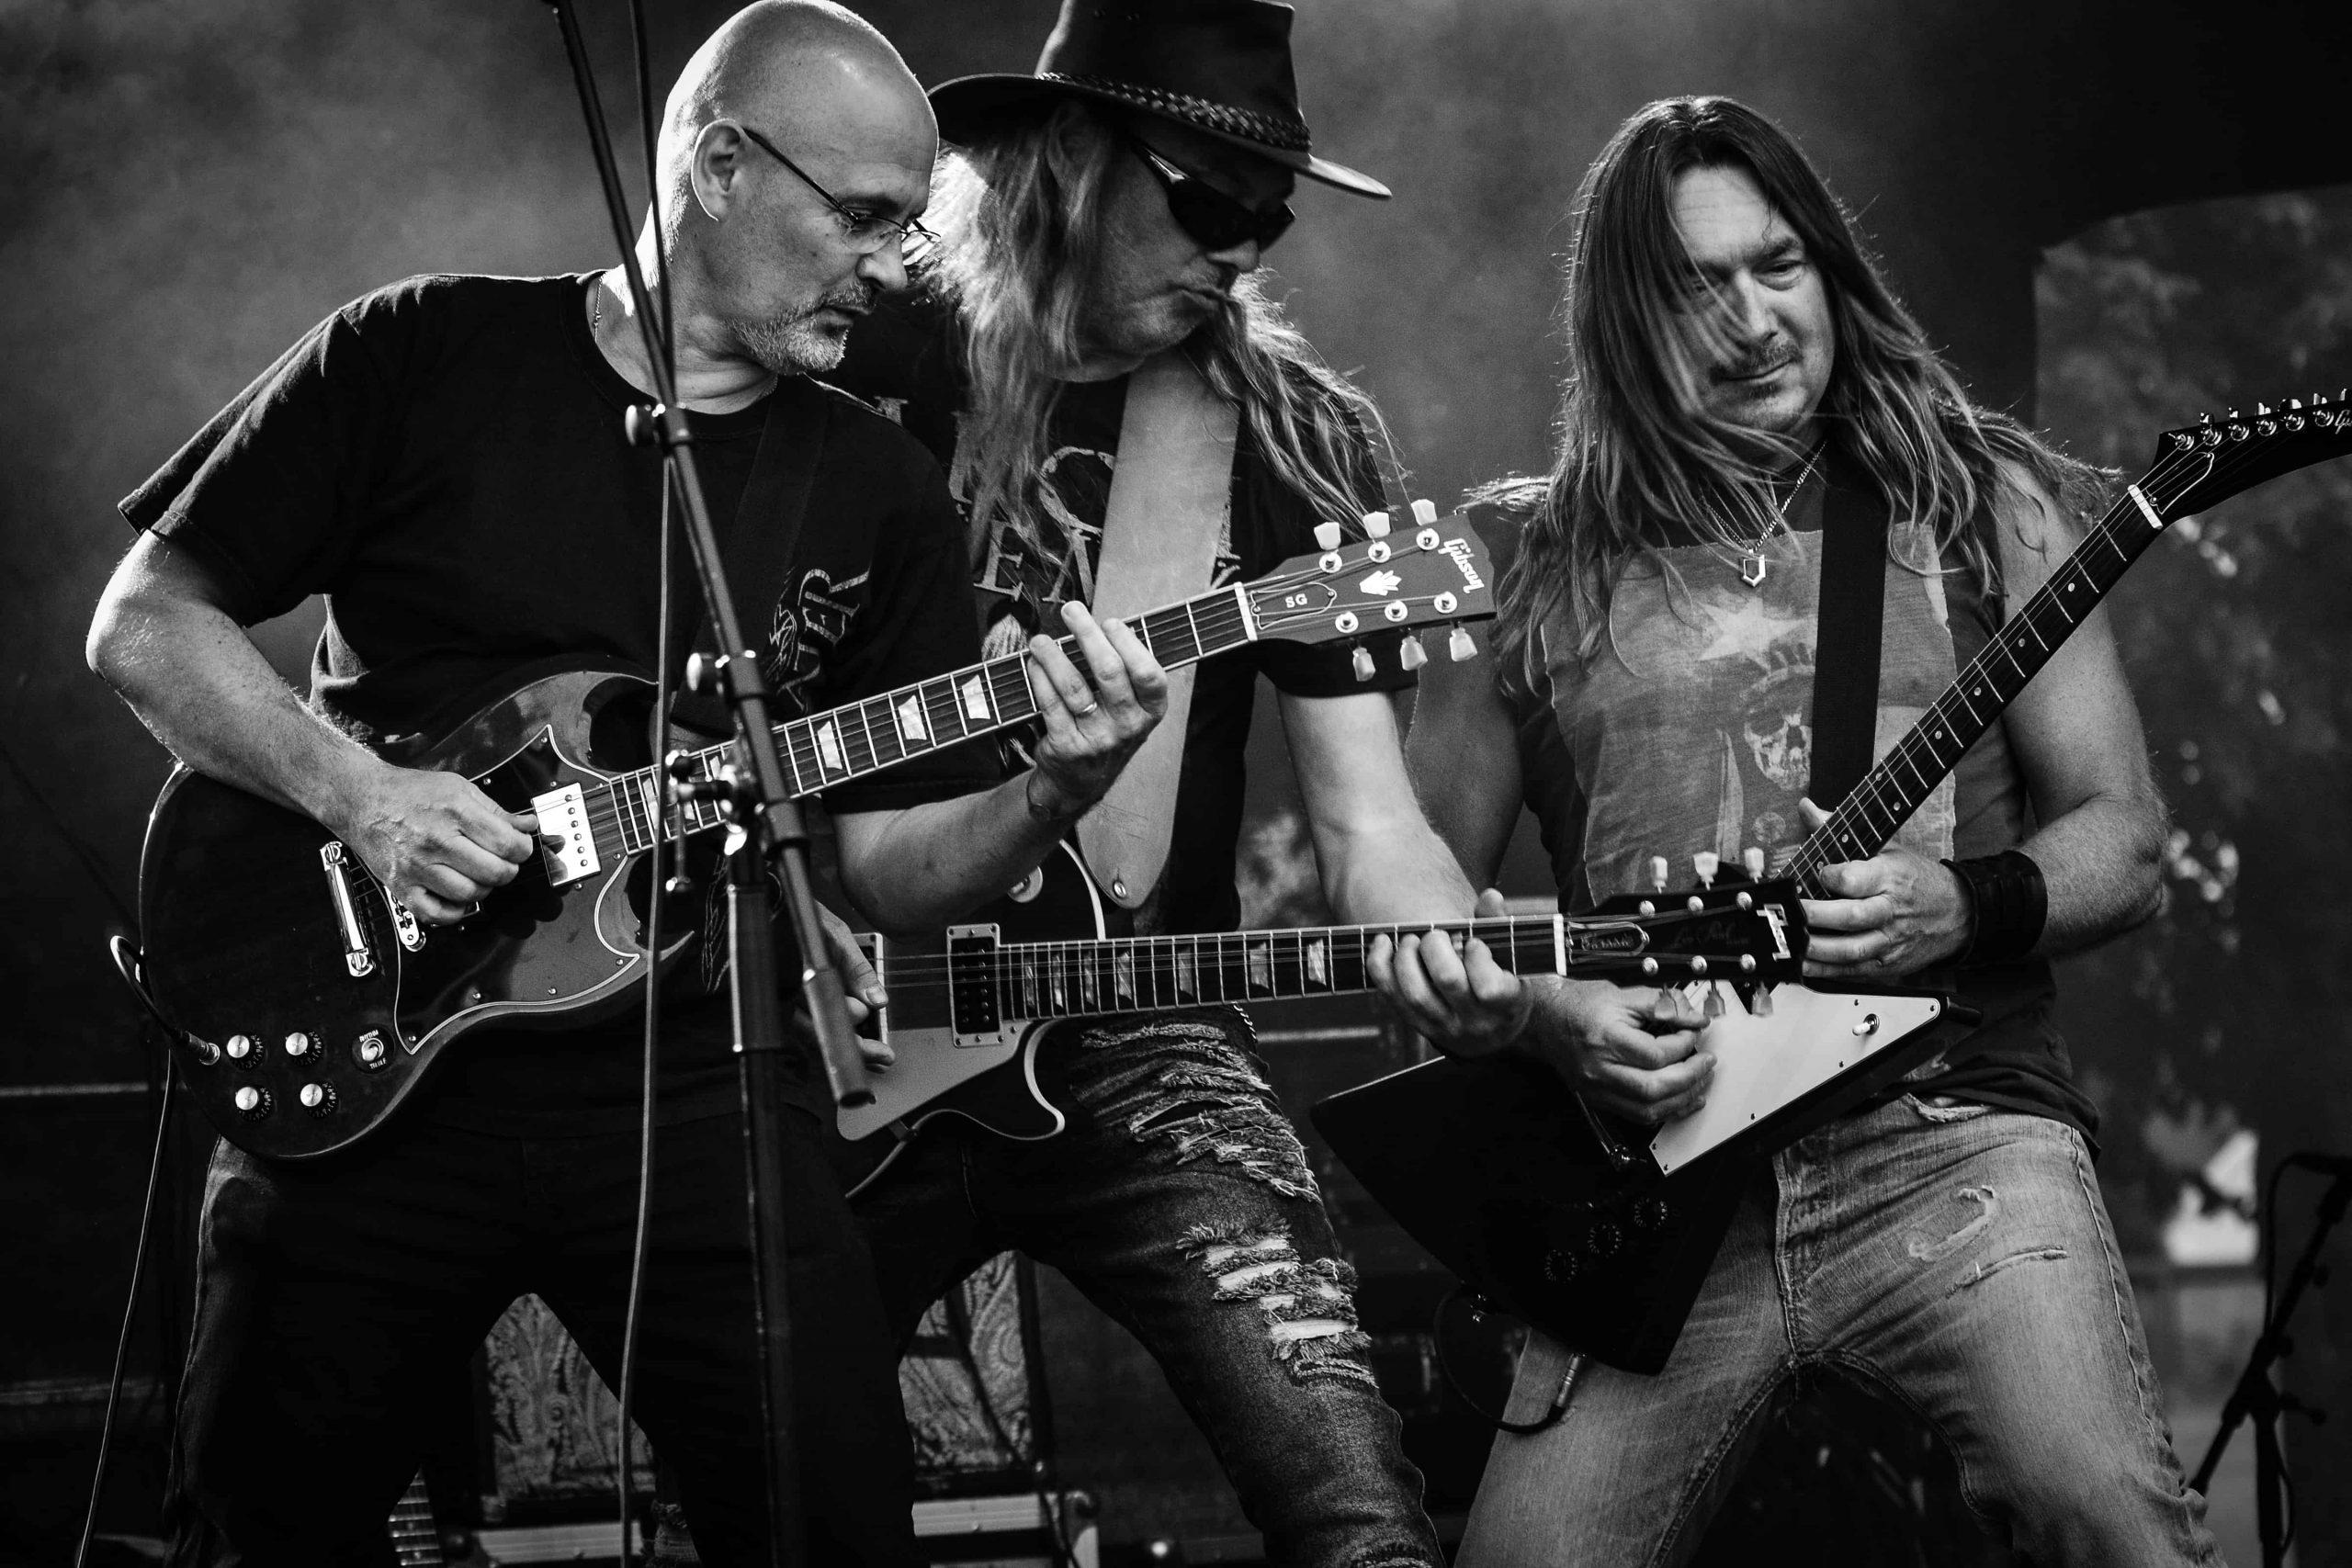 Imagem de três homens tocando em banda e utilizando camisetas estampadas.